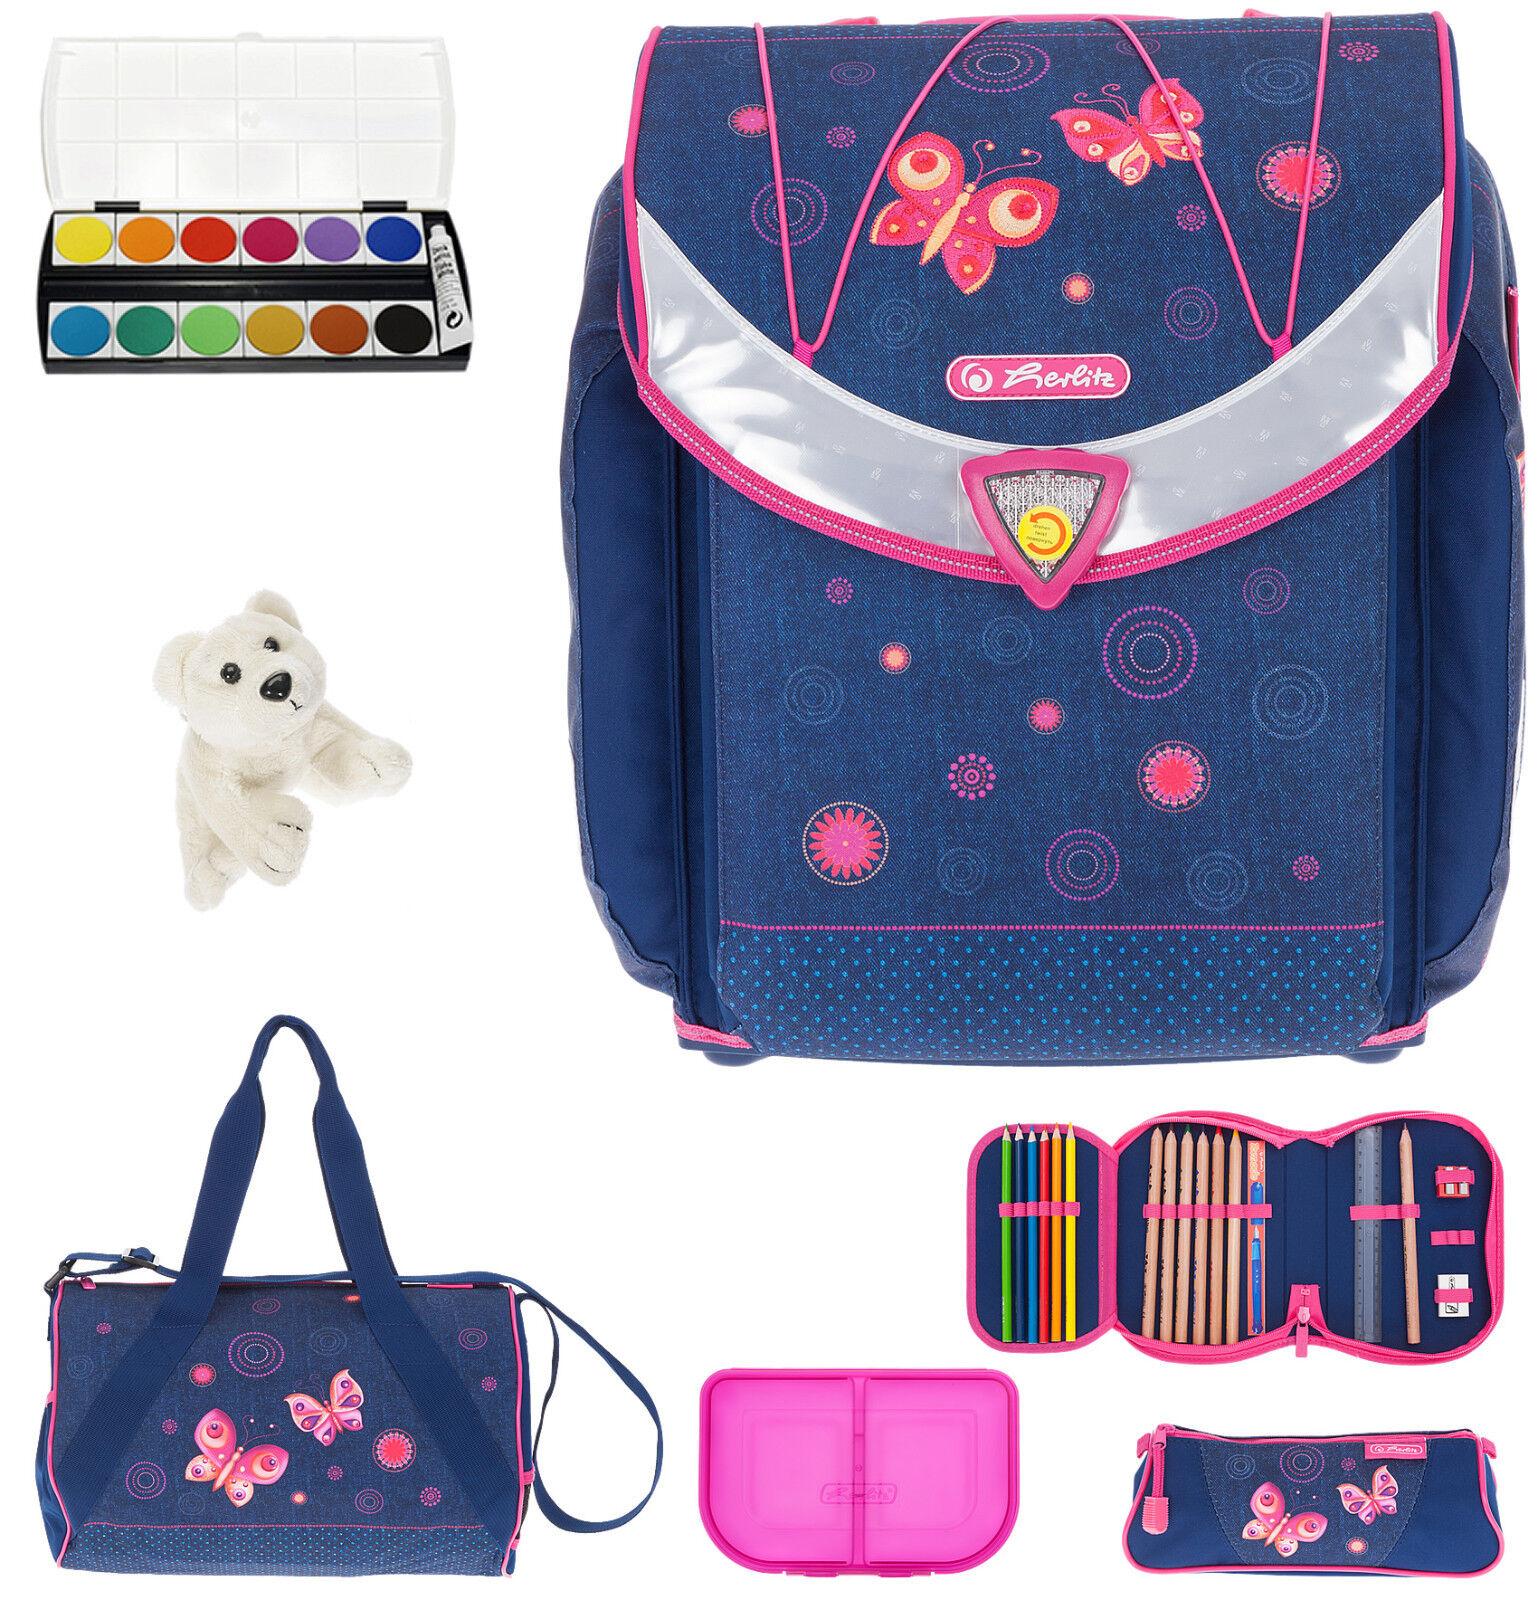 Schulranzen 7 Set Herlitz Flexi Tornister Ranzen für Mädchen Butterfly Dreams ek | Modern Und Elegant  | Gute Qualität  | Verschiedene Stile